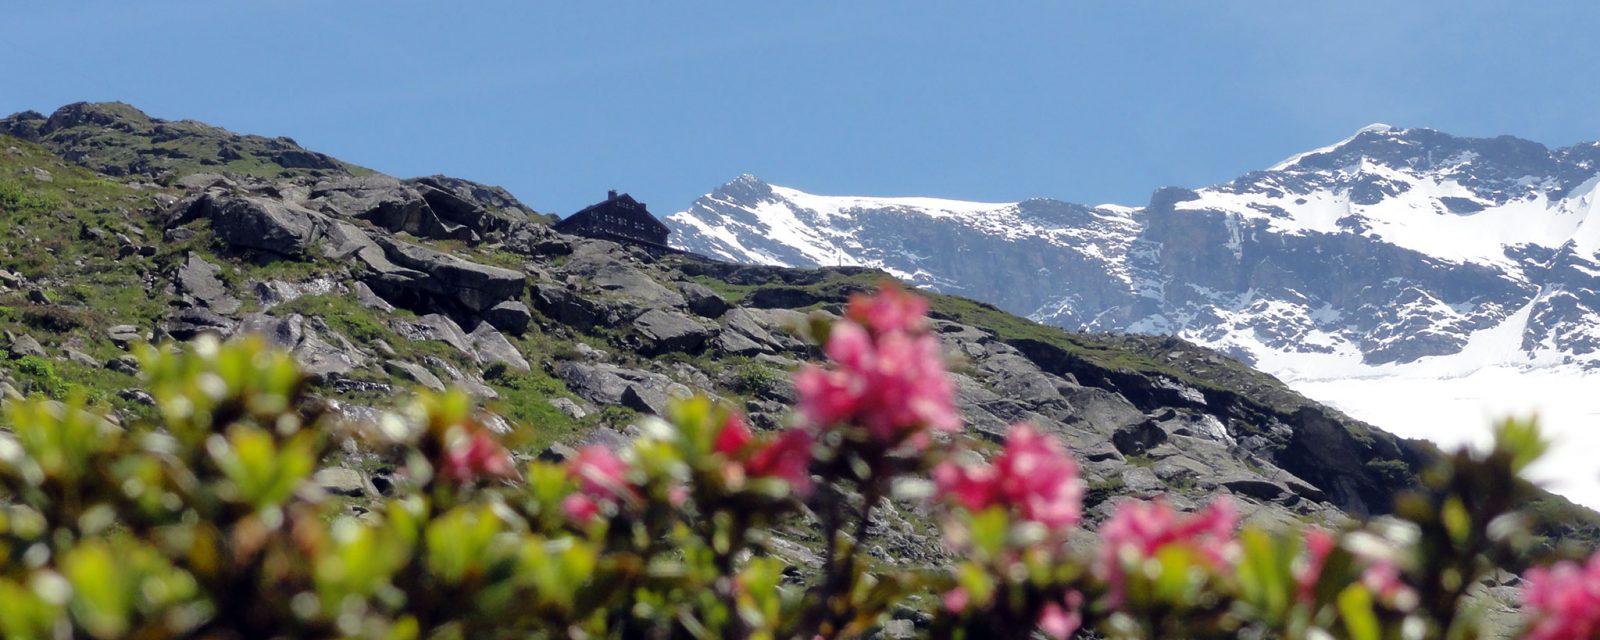 Arnoweg: Die Warnsdorfer Hütte neben dem Krimmler Kees